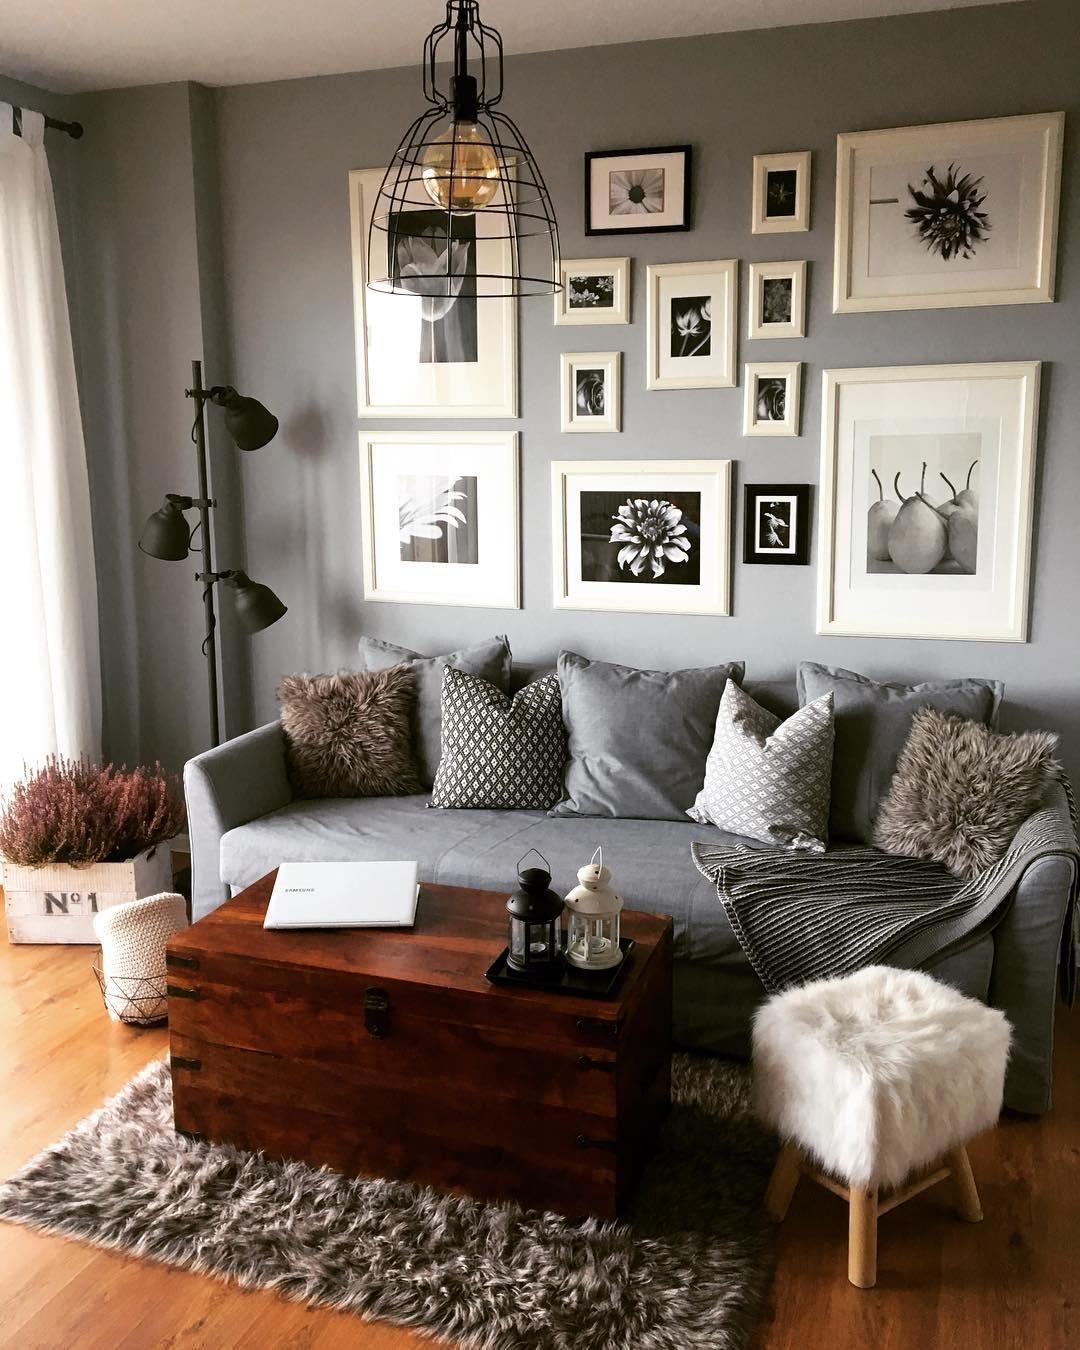 Shades Of Grey! In Diesem Gemütlichen Wohnzimmer Kann Man